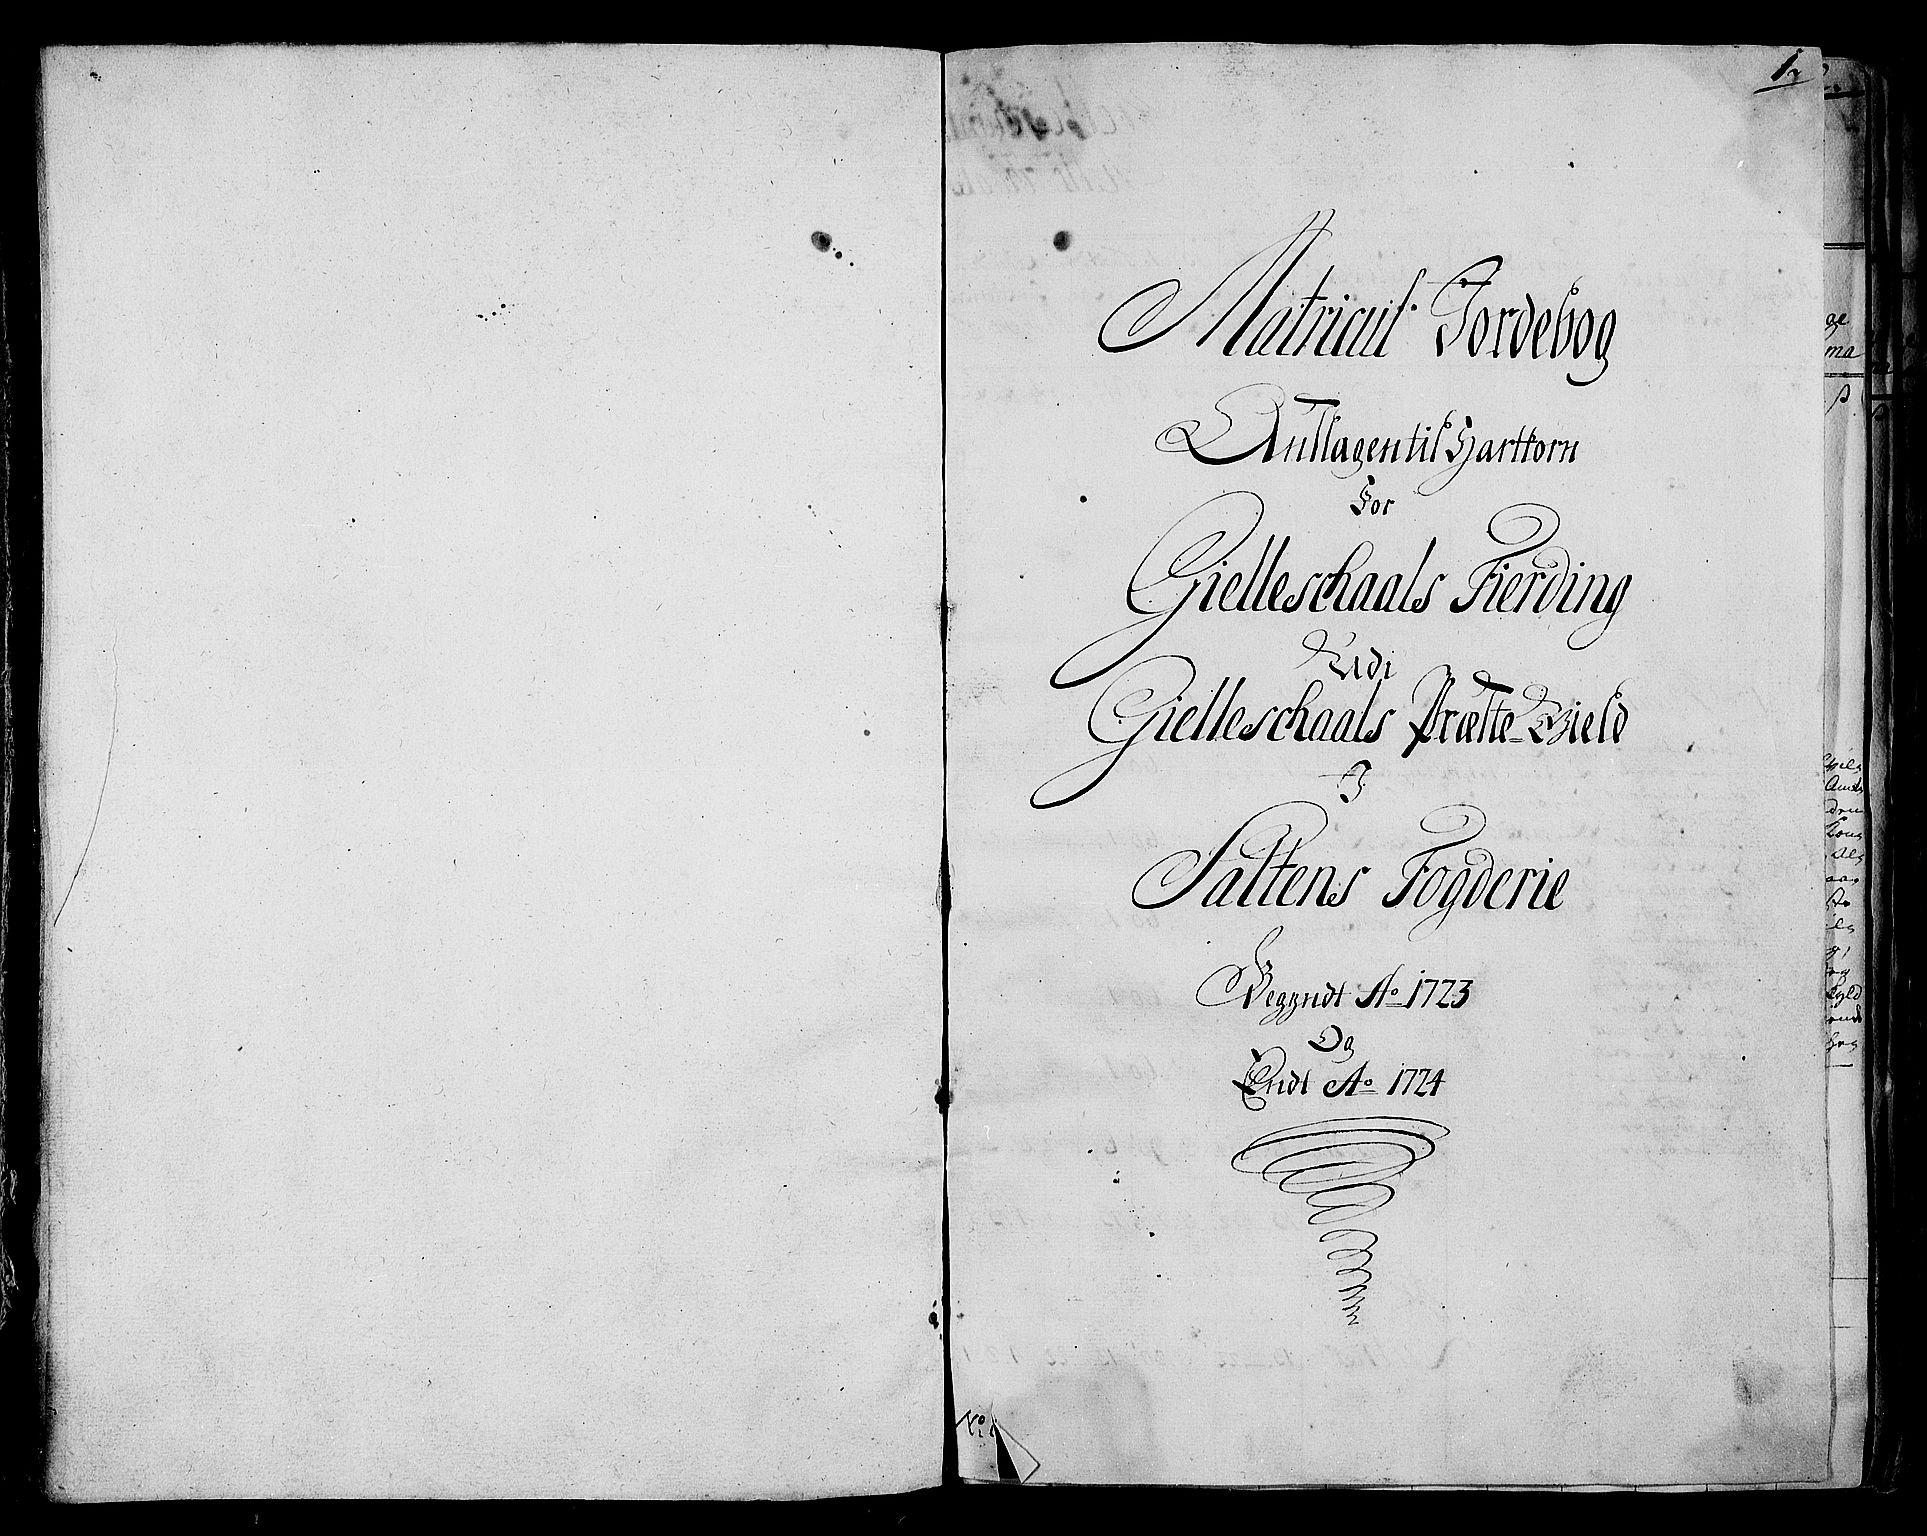 RA, Rentekammeret inntil 1814, Realistisk ordnet avdeling, N/Nb/Nbf/L0173: Salten matrikkelprotokoll, 1723, s. 1a